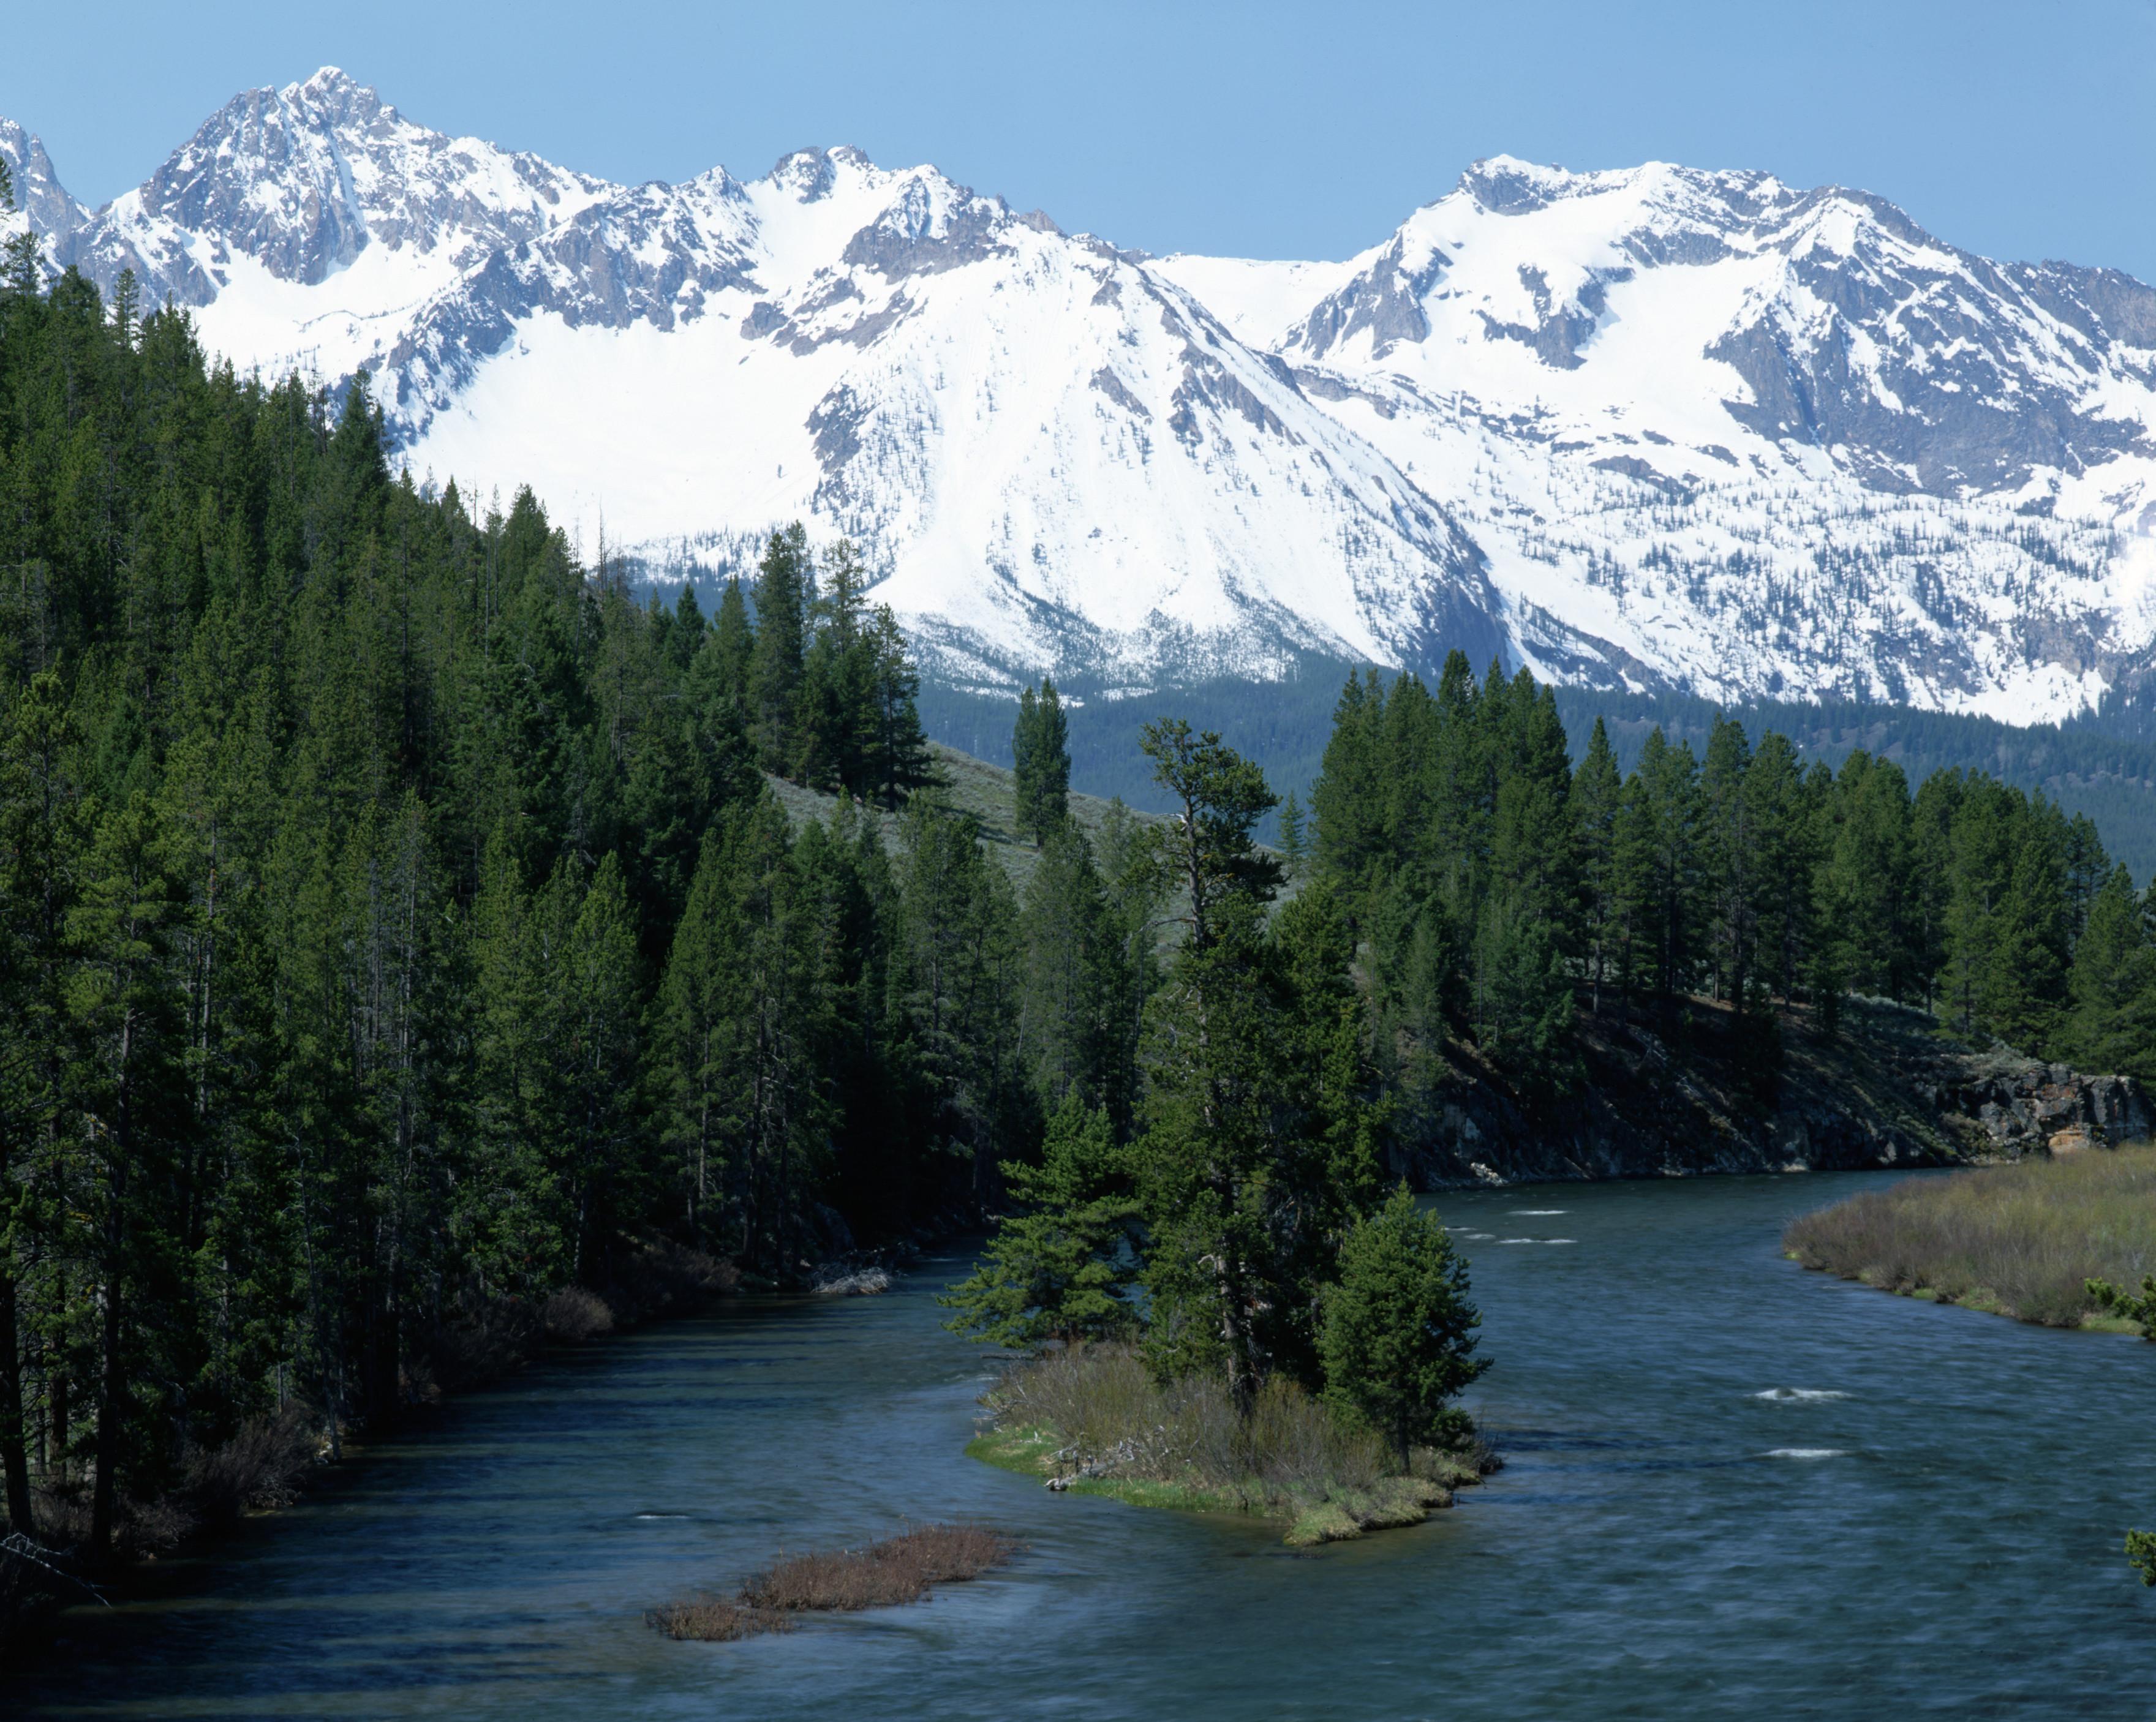 salmon river, sawtooth mountains, idaho